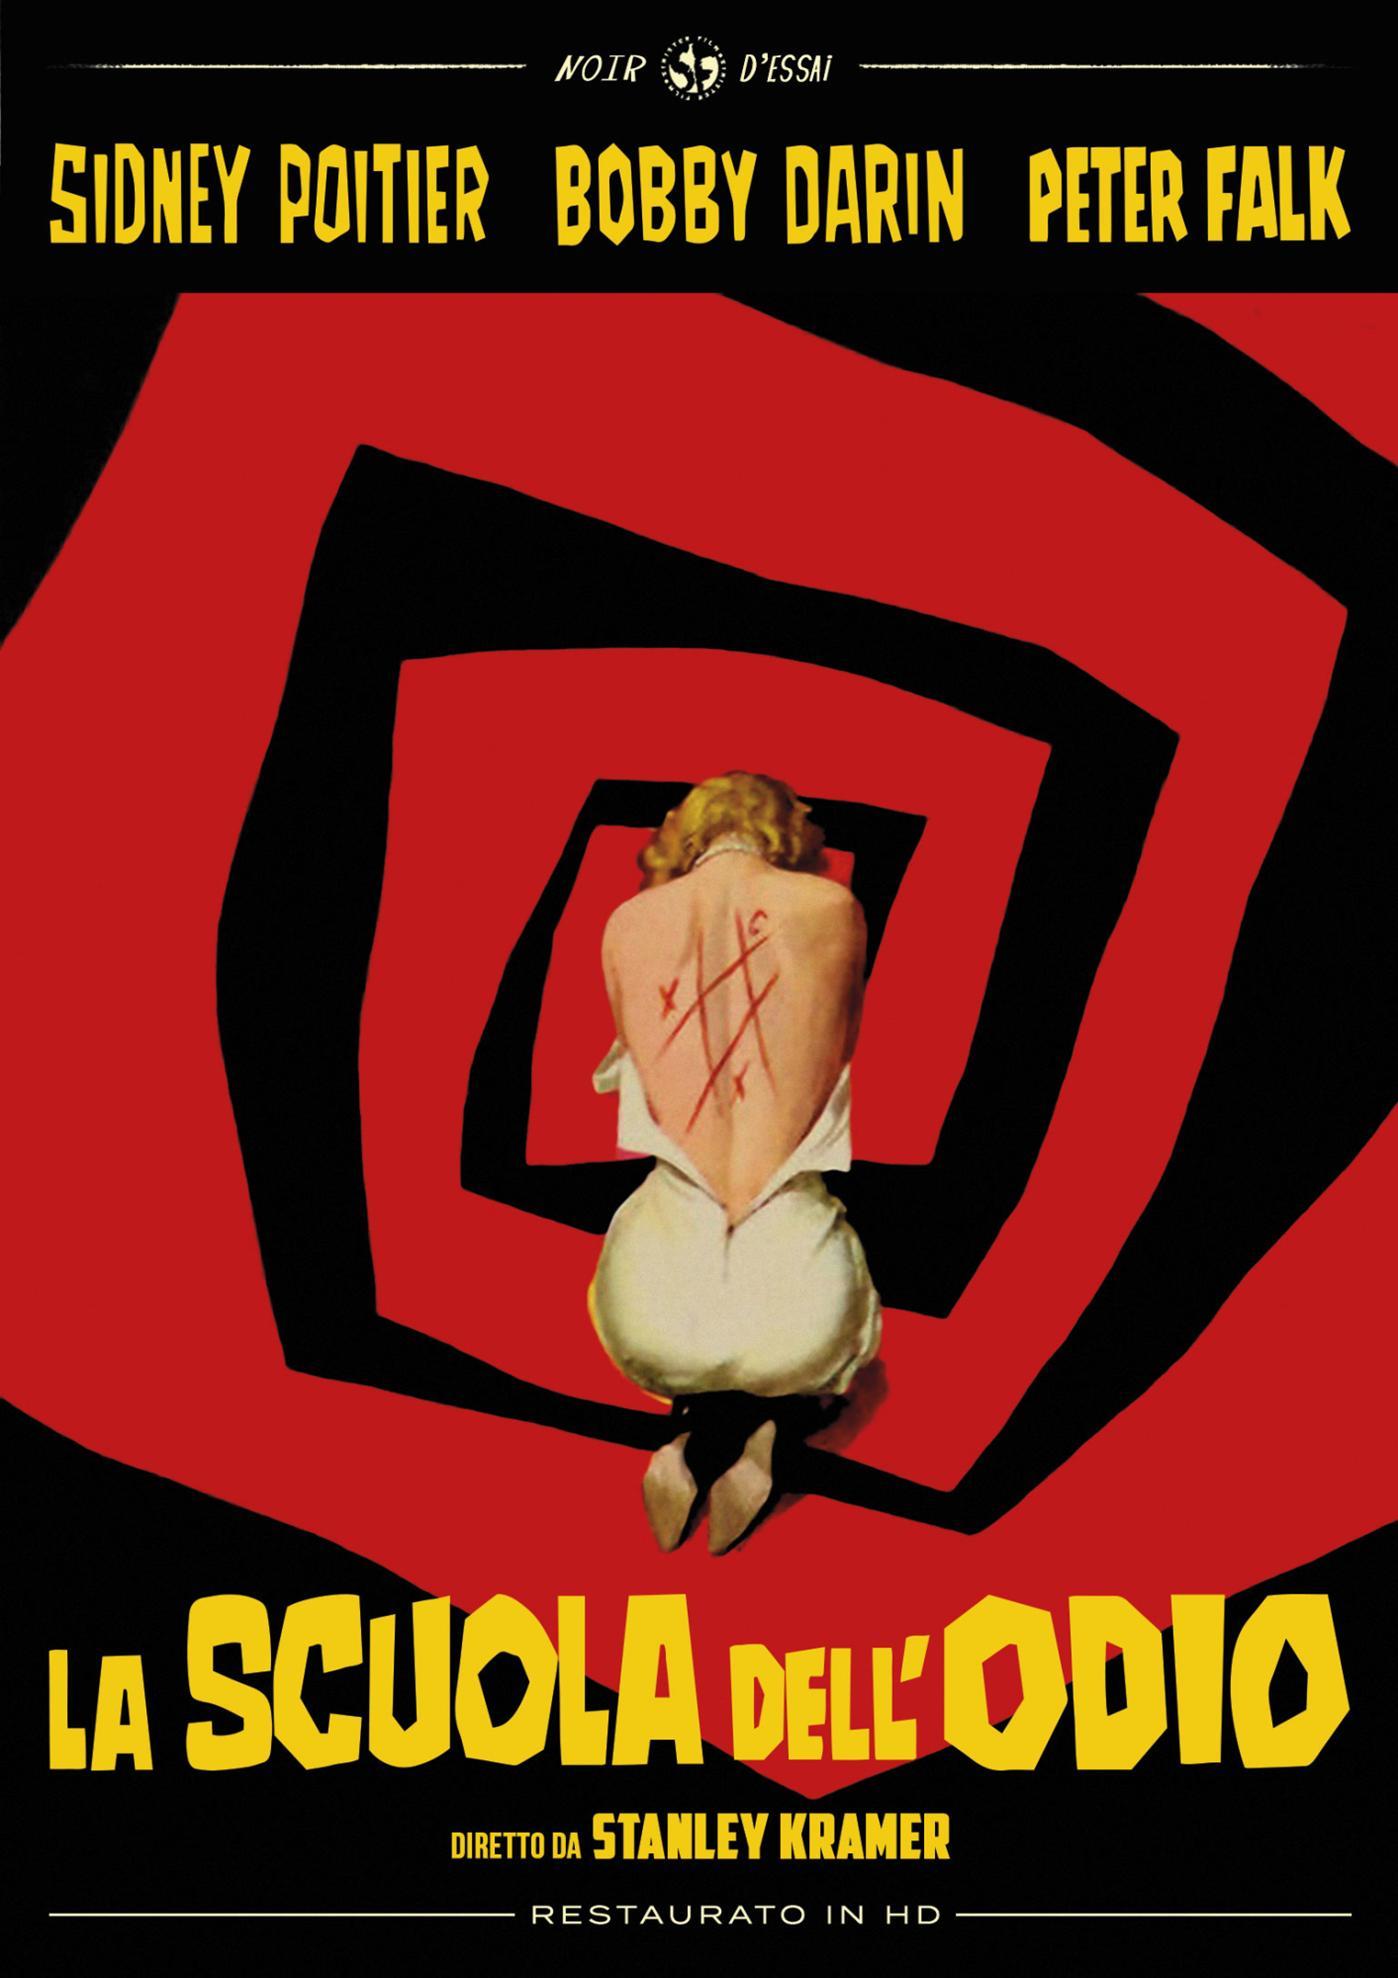 LA SCUOLA DELL'ODIO (RESTAURATO IN HD) (DVD)